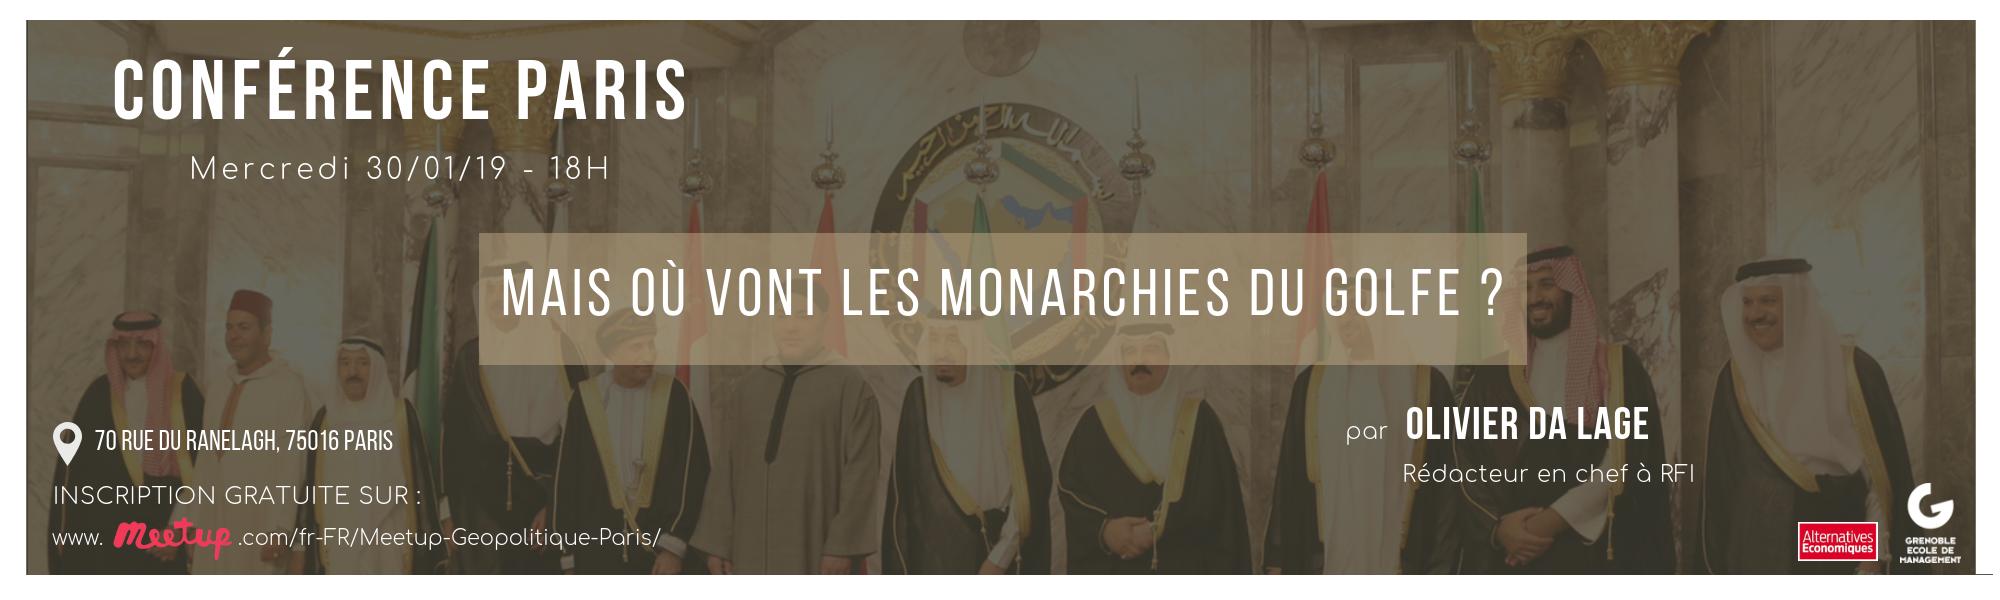 Conférence Paris 30_01_19 Monarchie Glofe